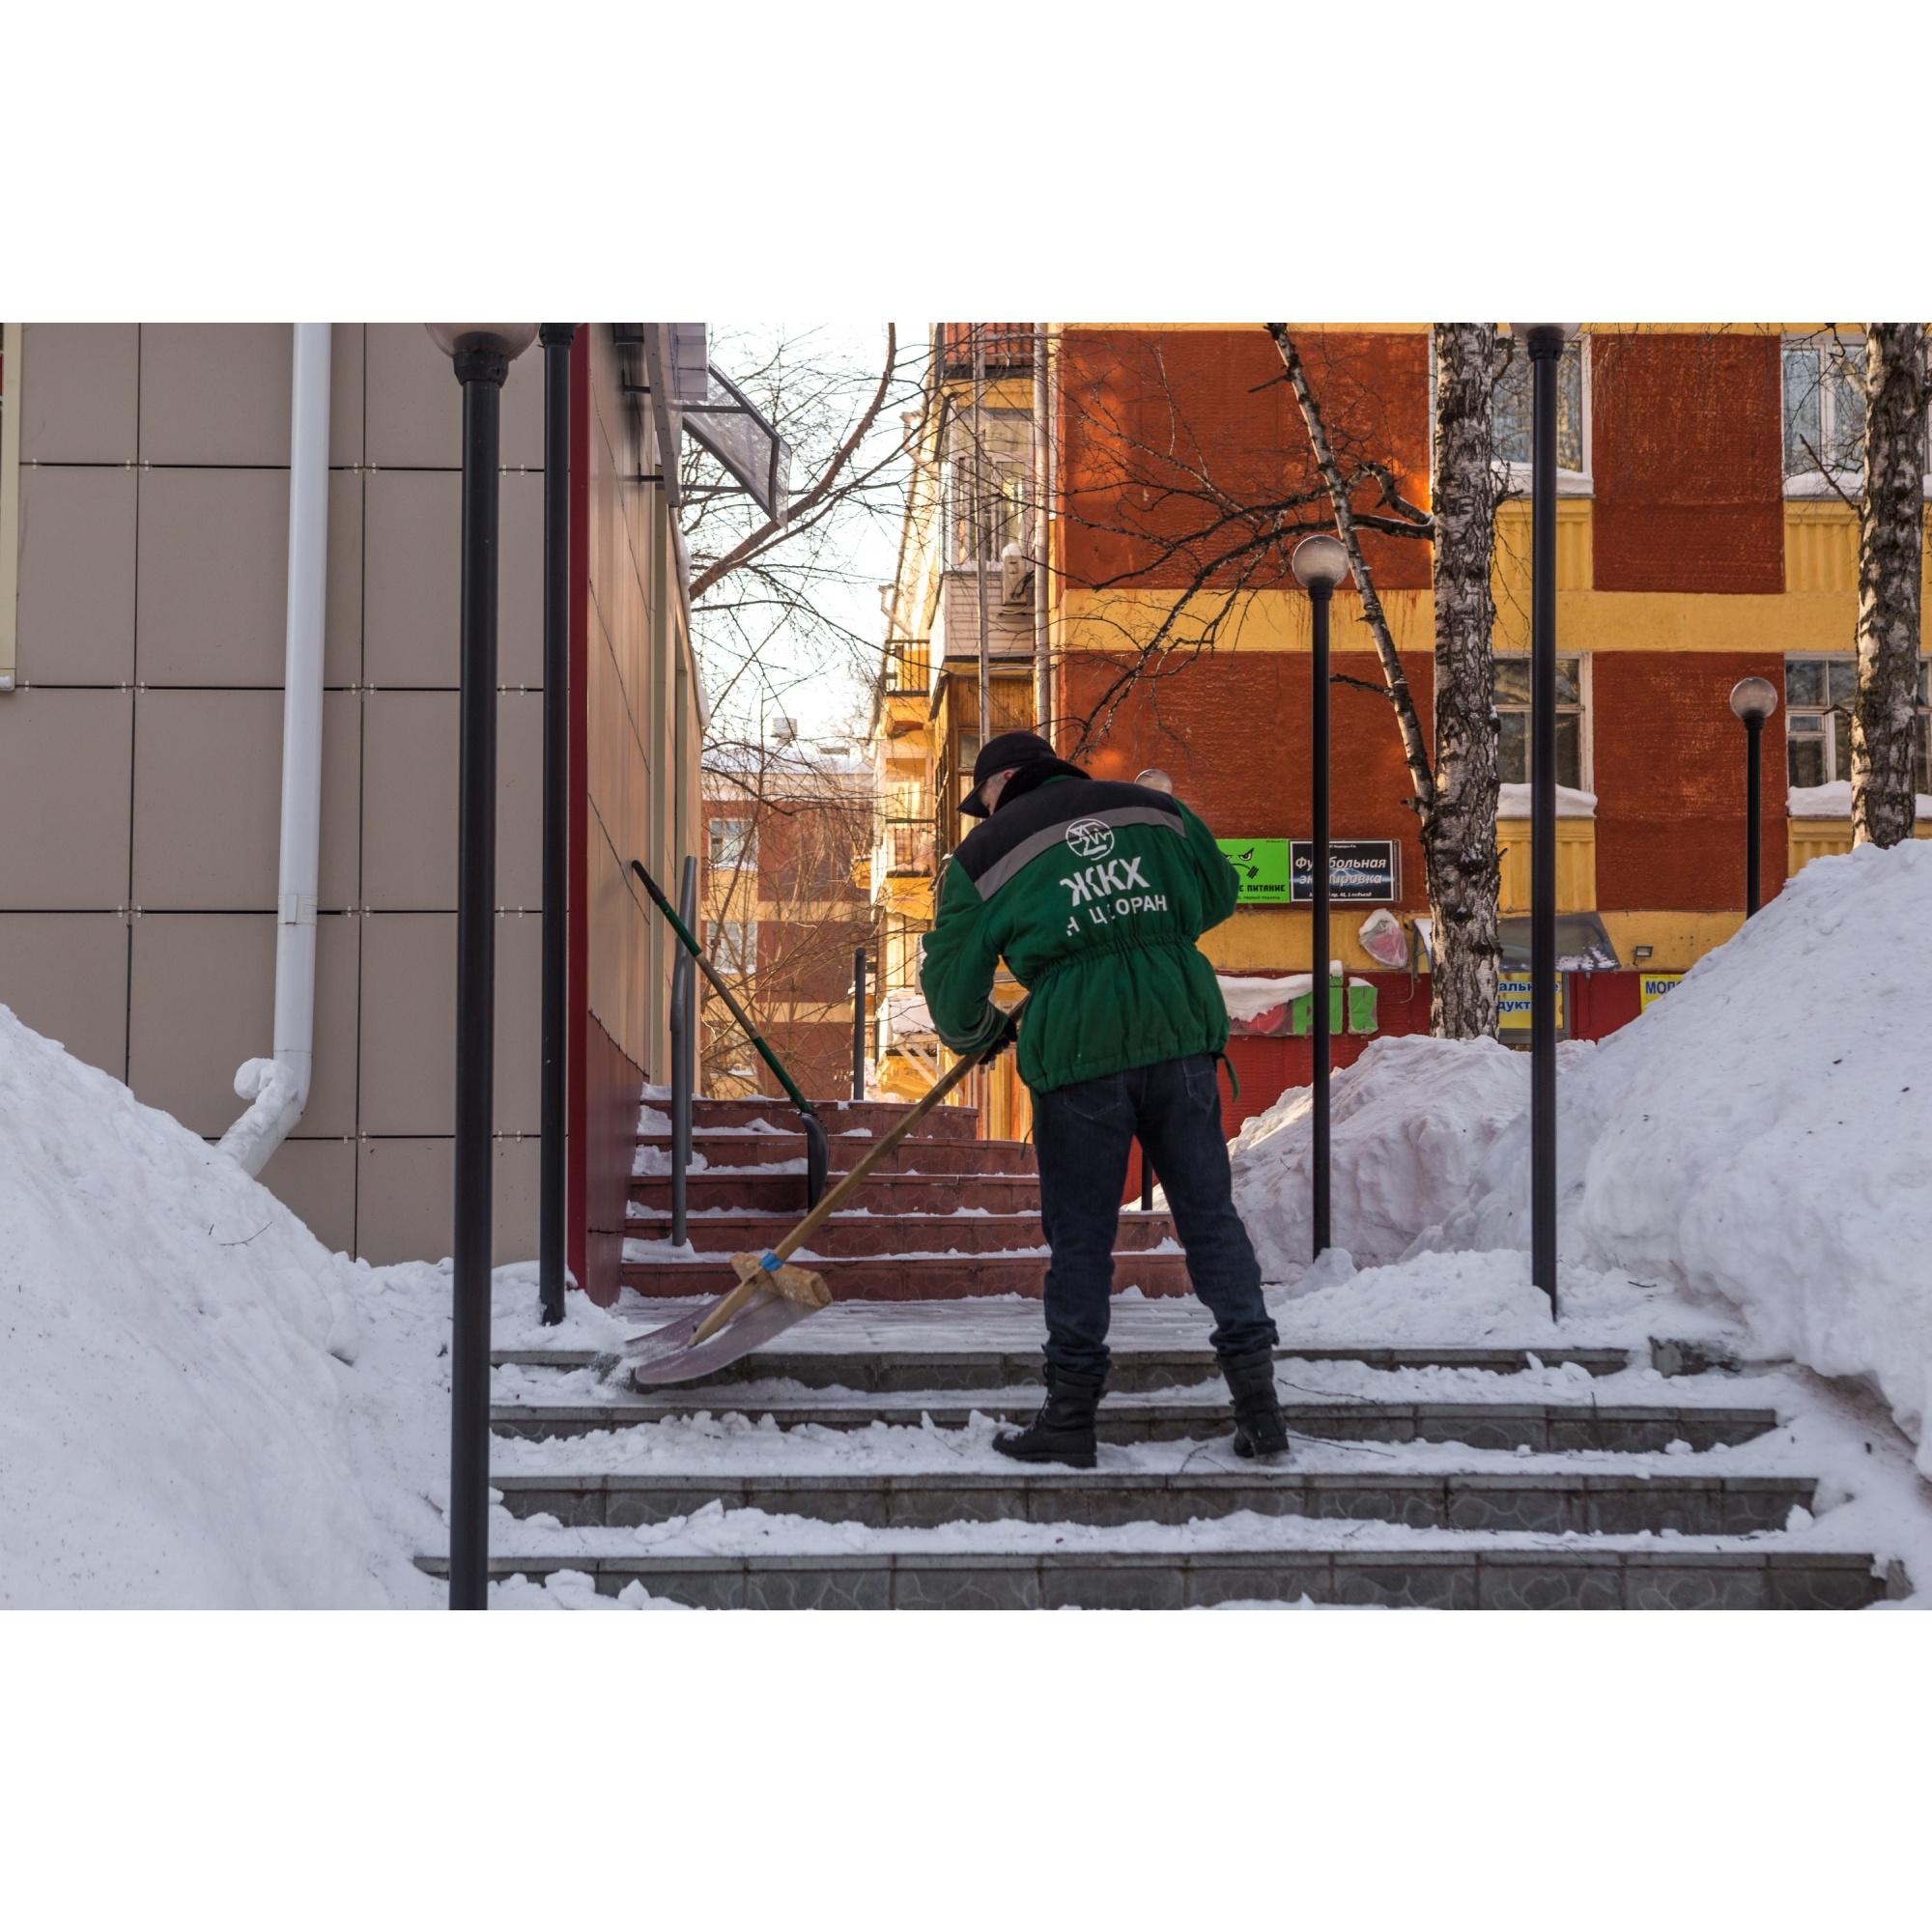 Жители Академгородка рассказали о том, что улицы и дворы усиленно чистят